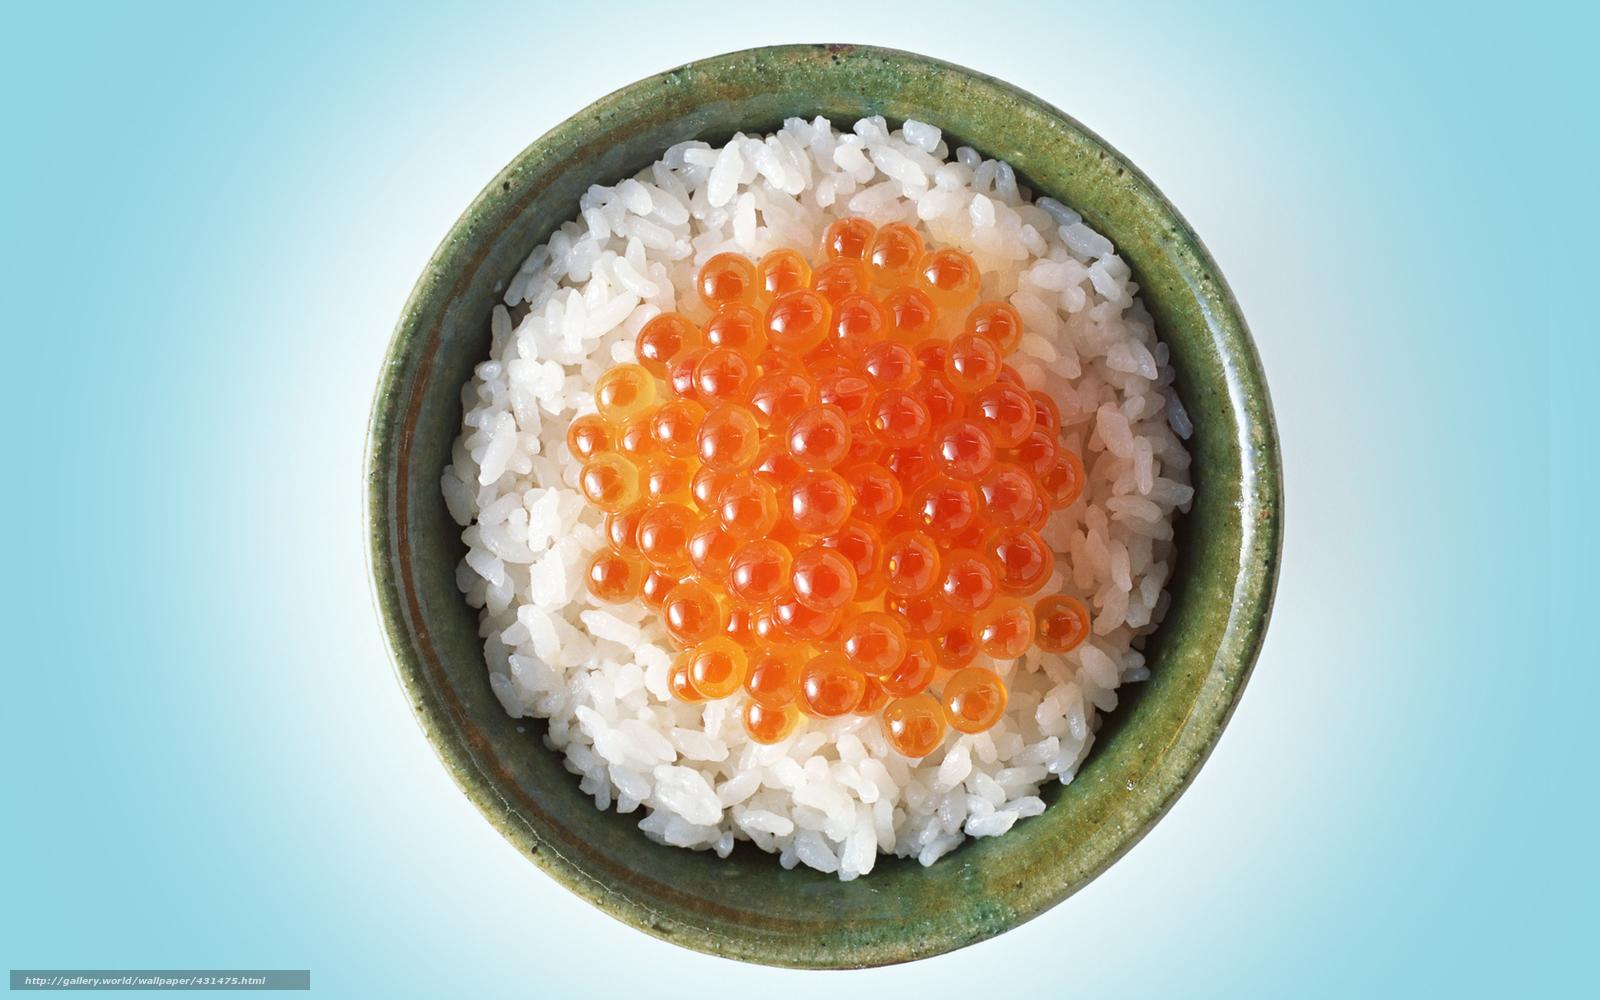 Download hintergrund tasse reis rot reh freie desktop - Reis kochen tasse ...